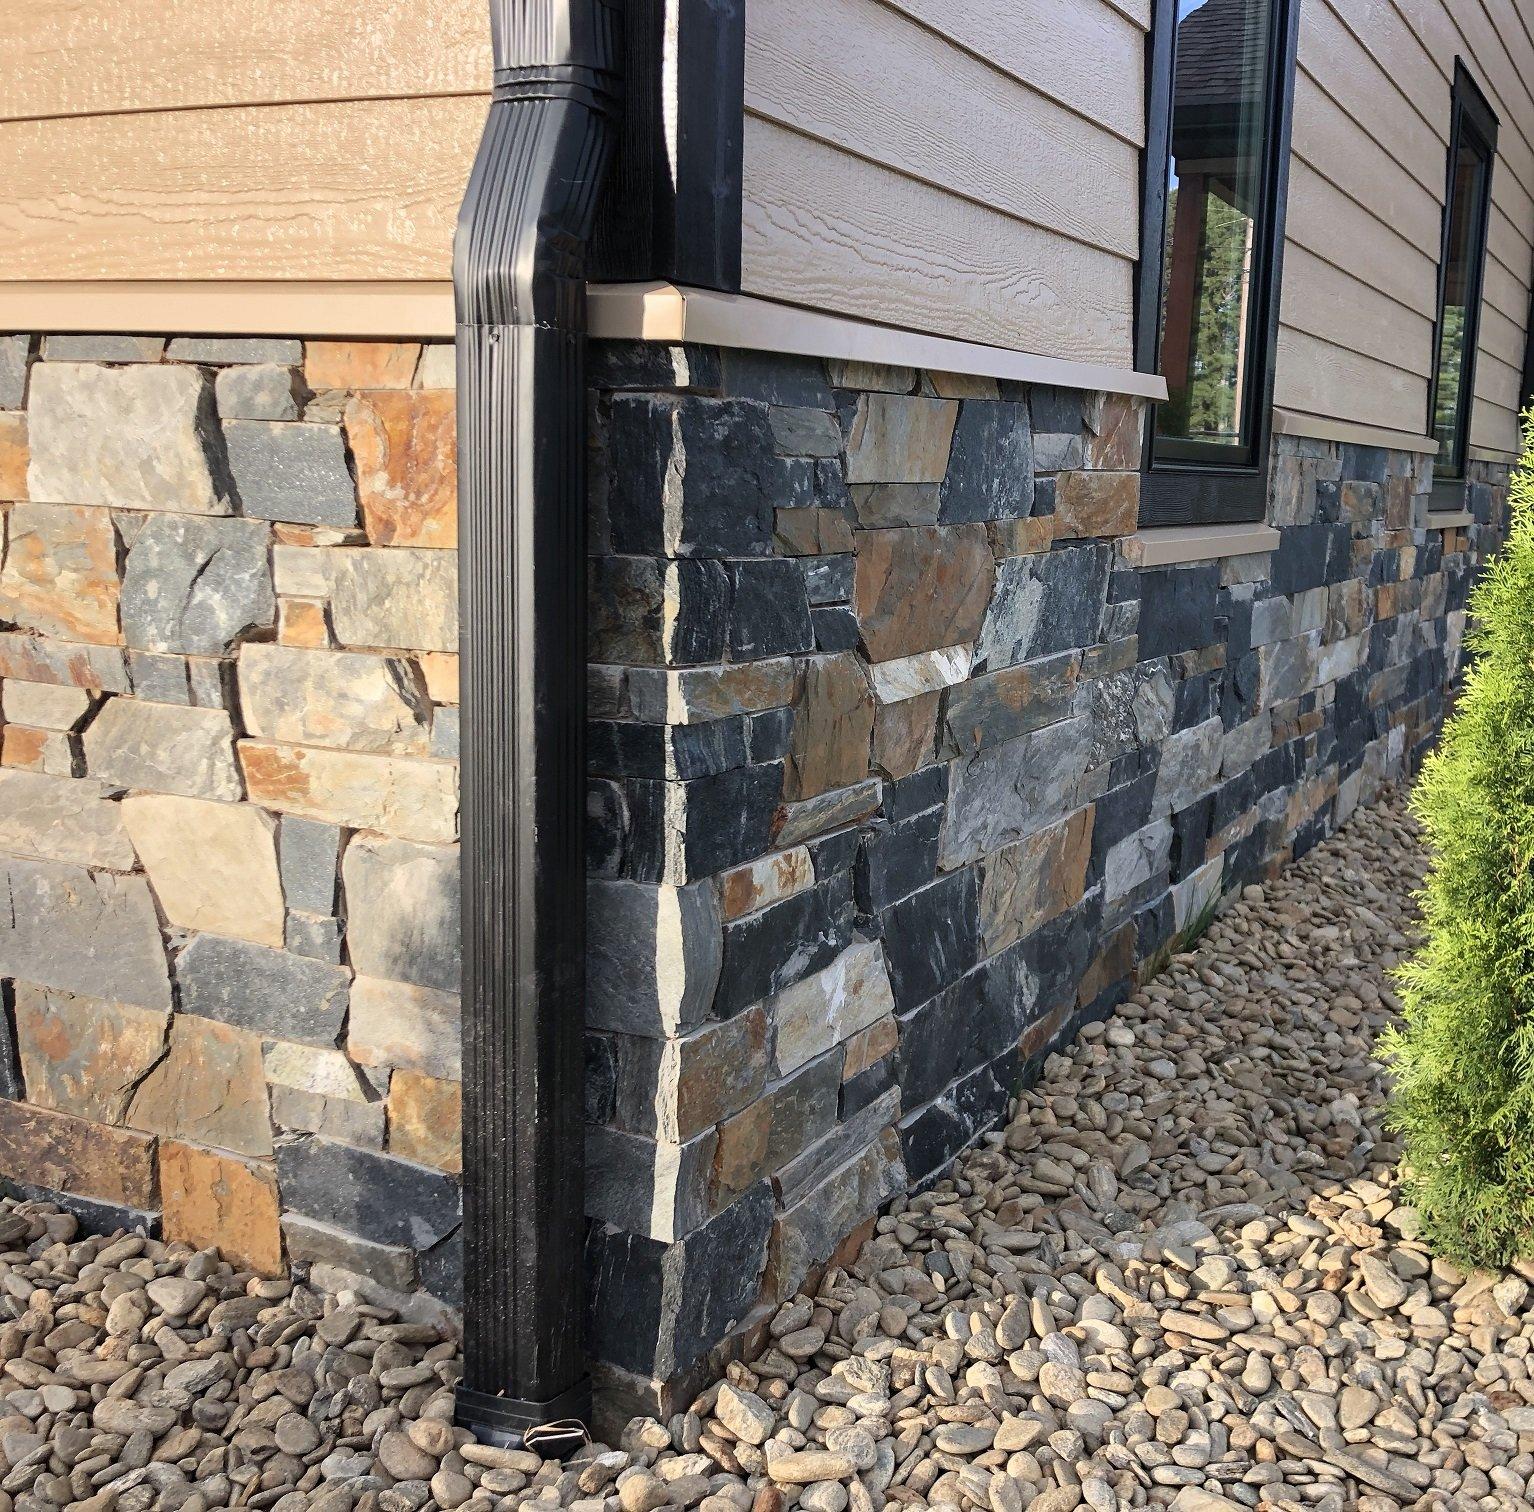 Danbury Natural Thin Stone Veneer Wainscoting